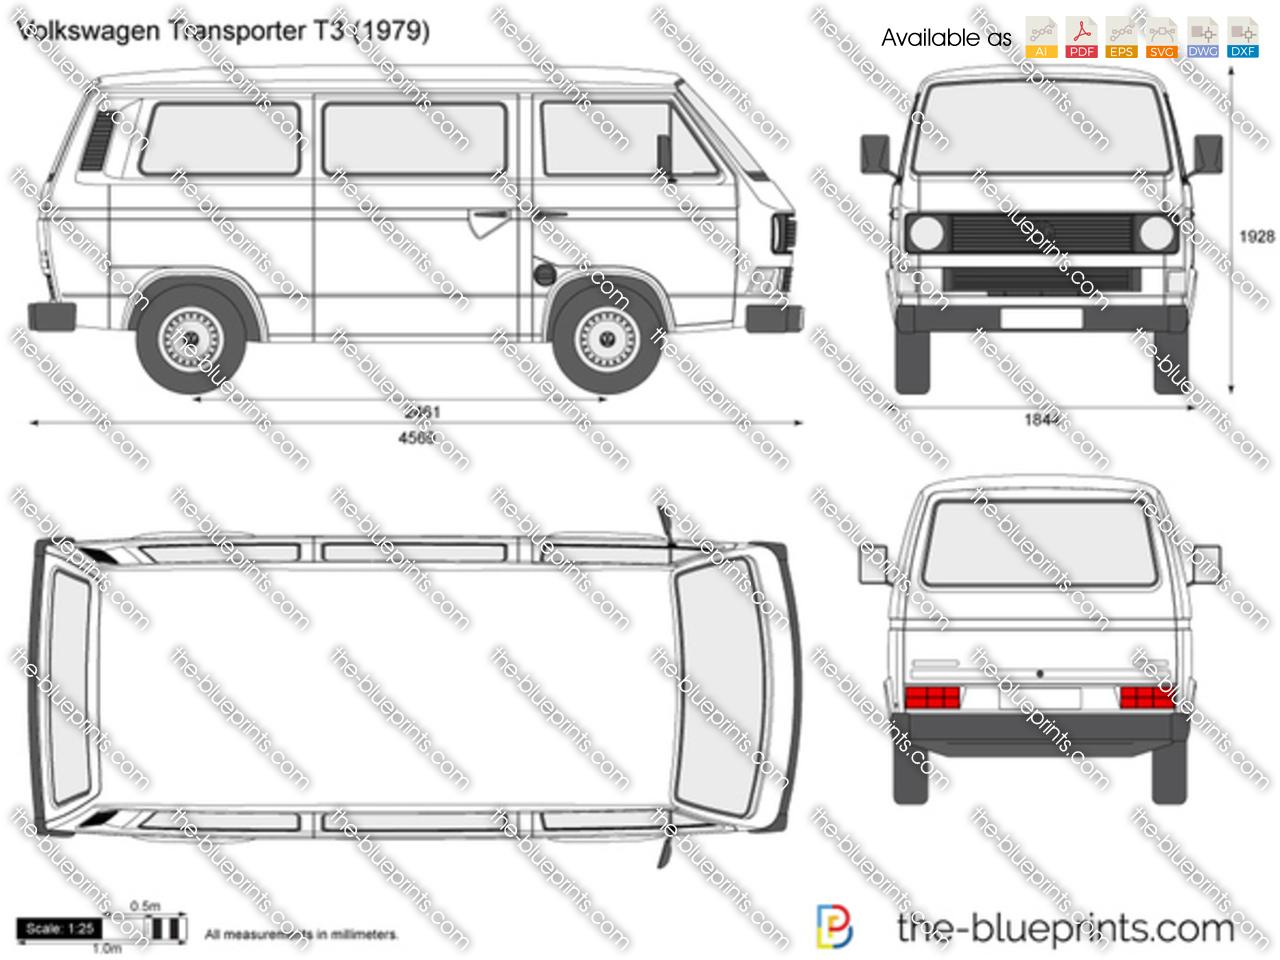 Volkswagen Transporter T3 1988